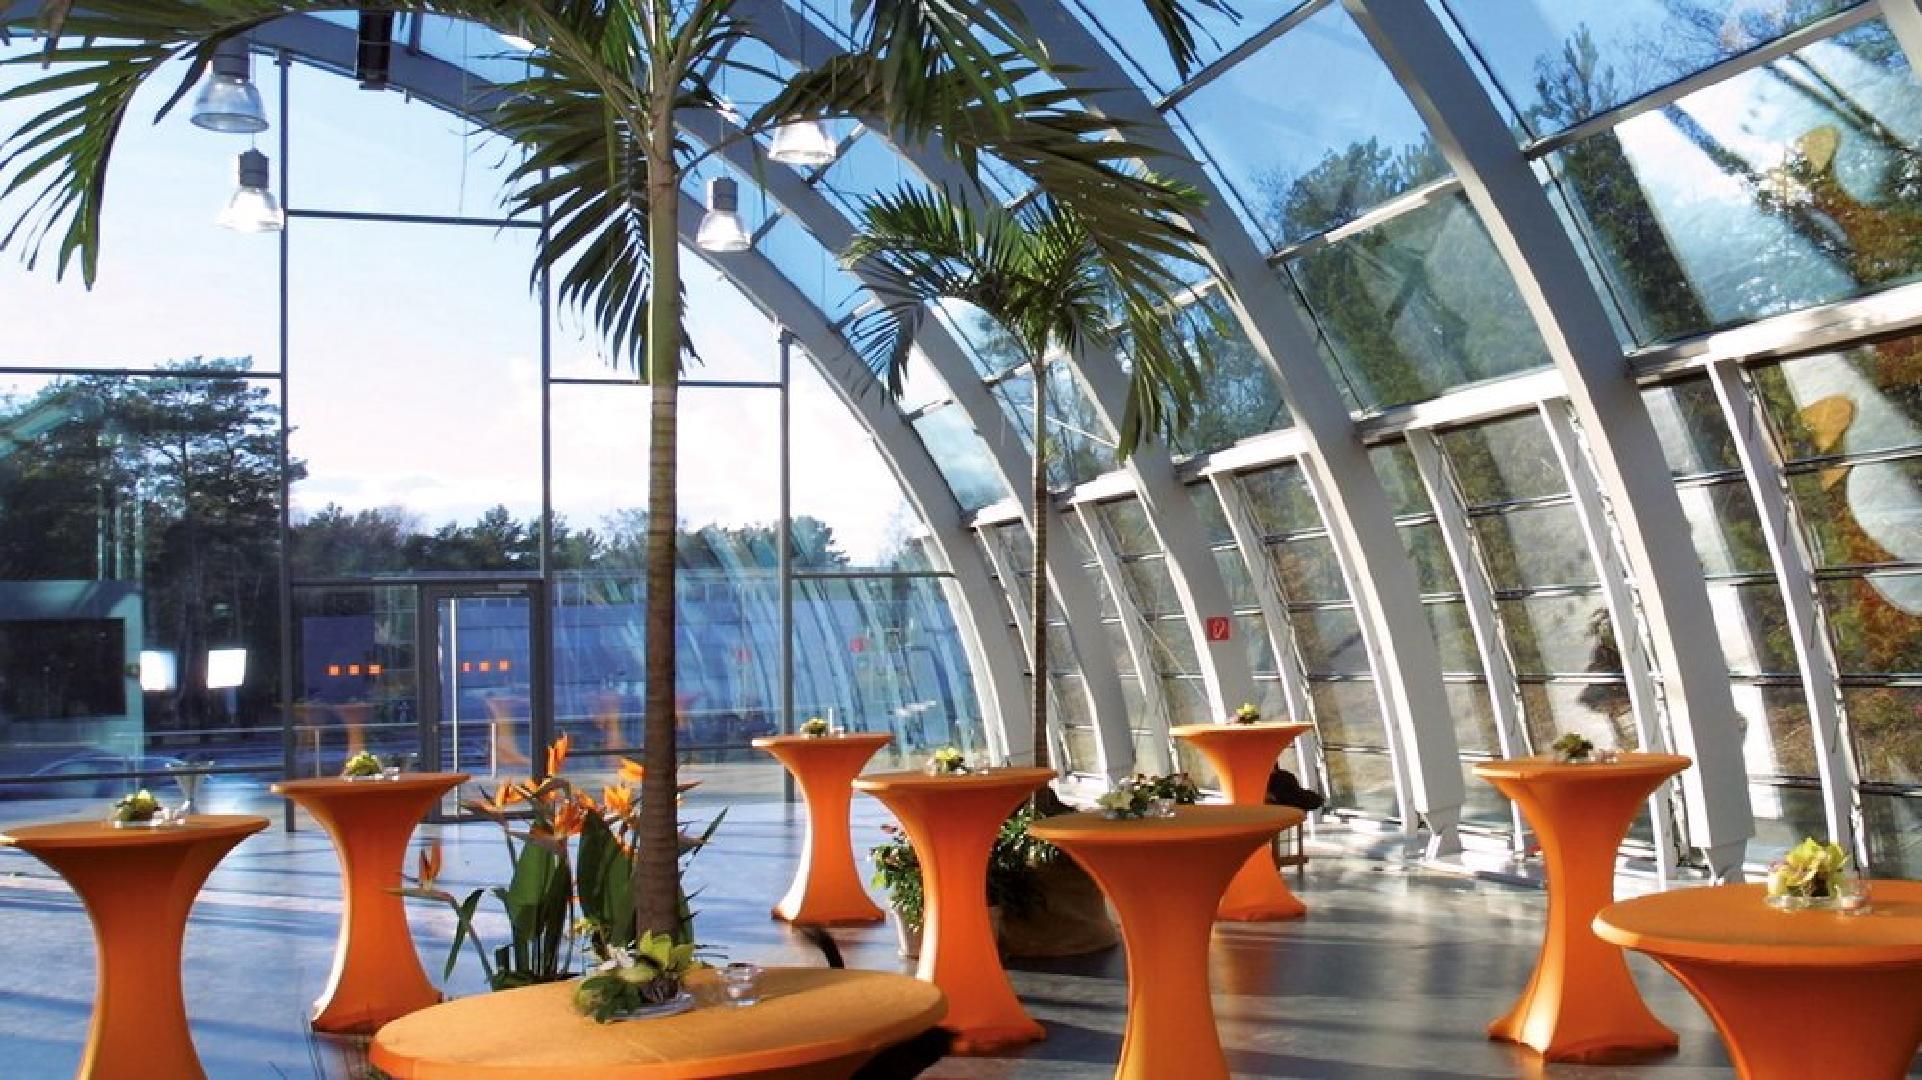 Picture 2 of Tagungen im Tropical Islands - intern / extern , drinnen oder draußen, wie sie mögen !